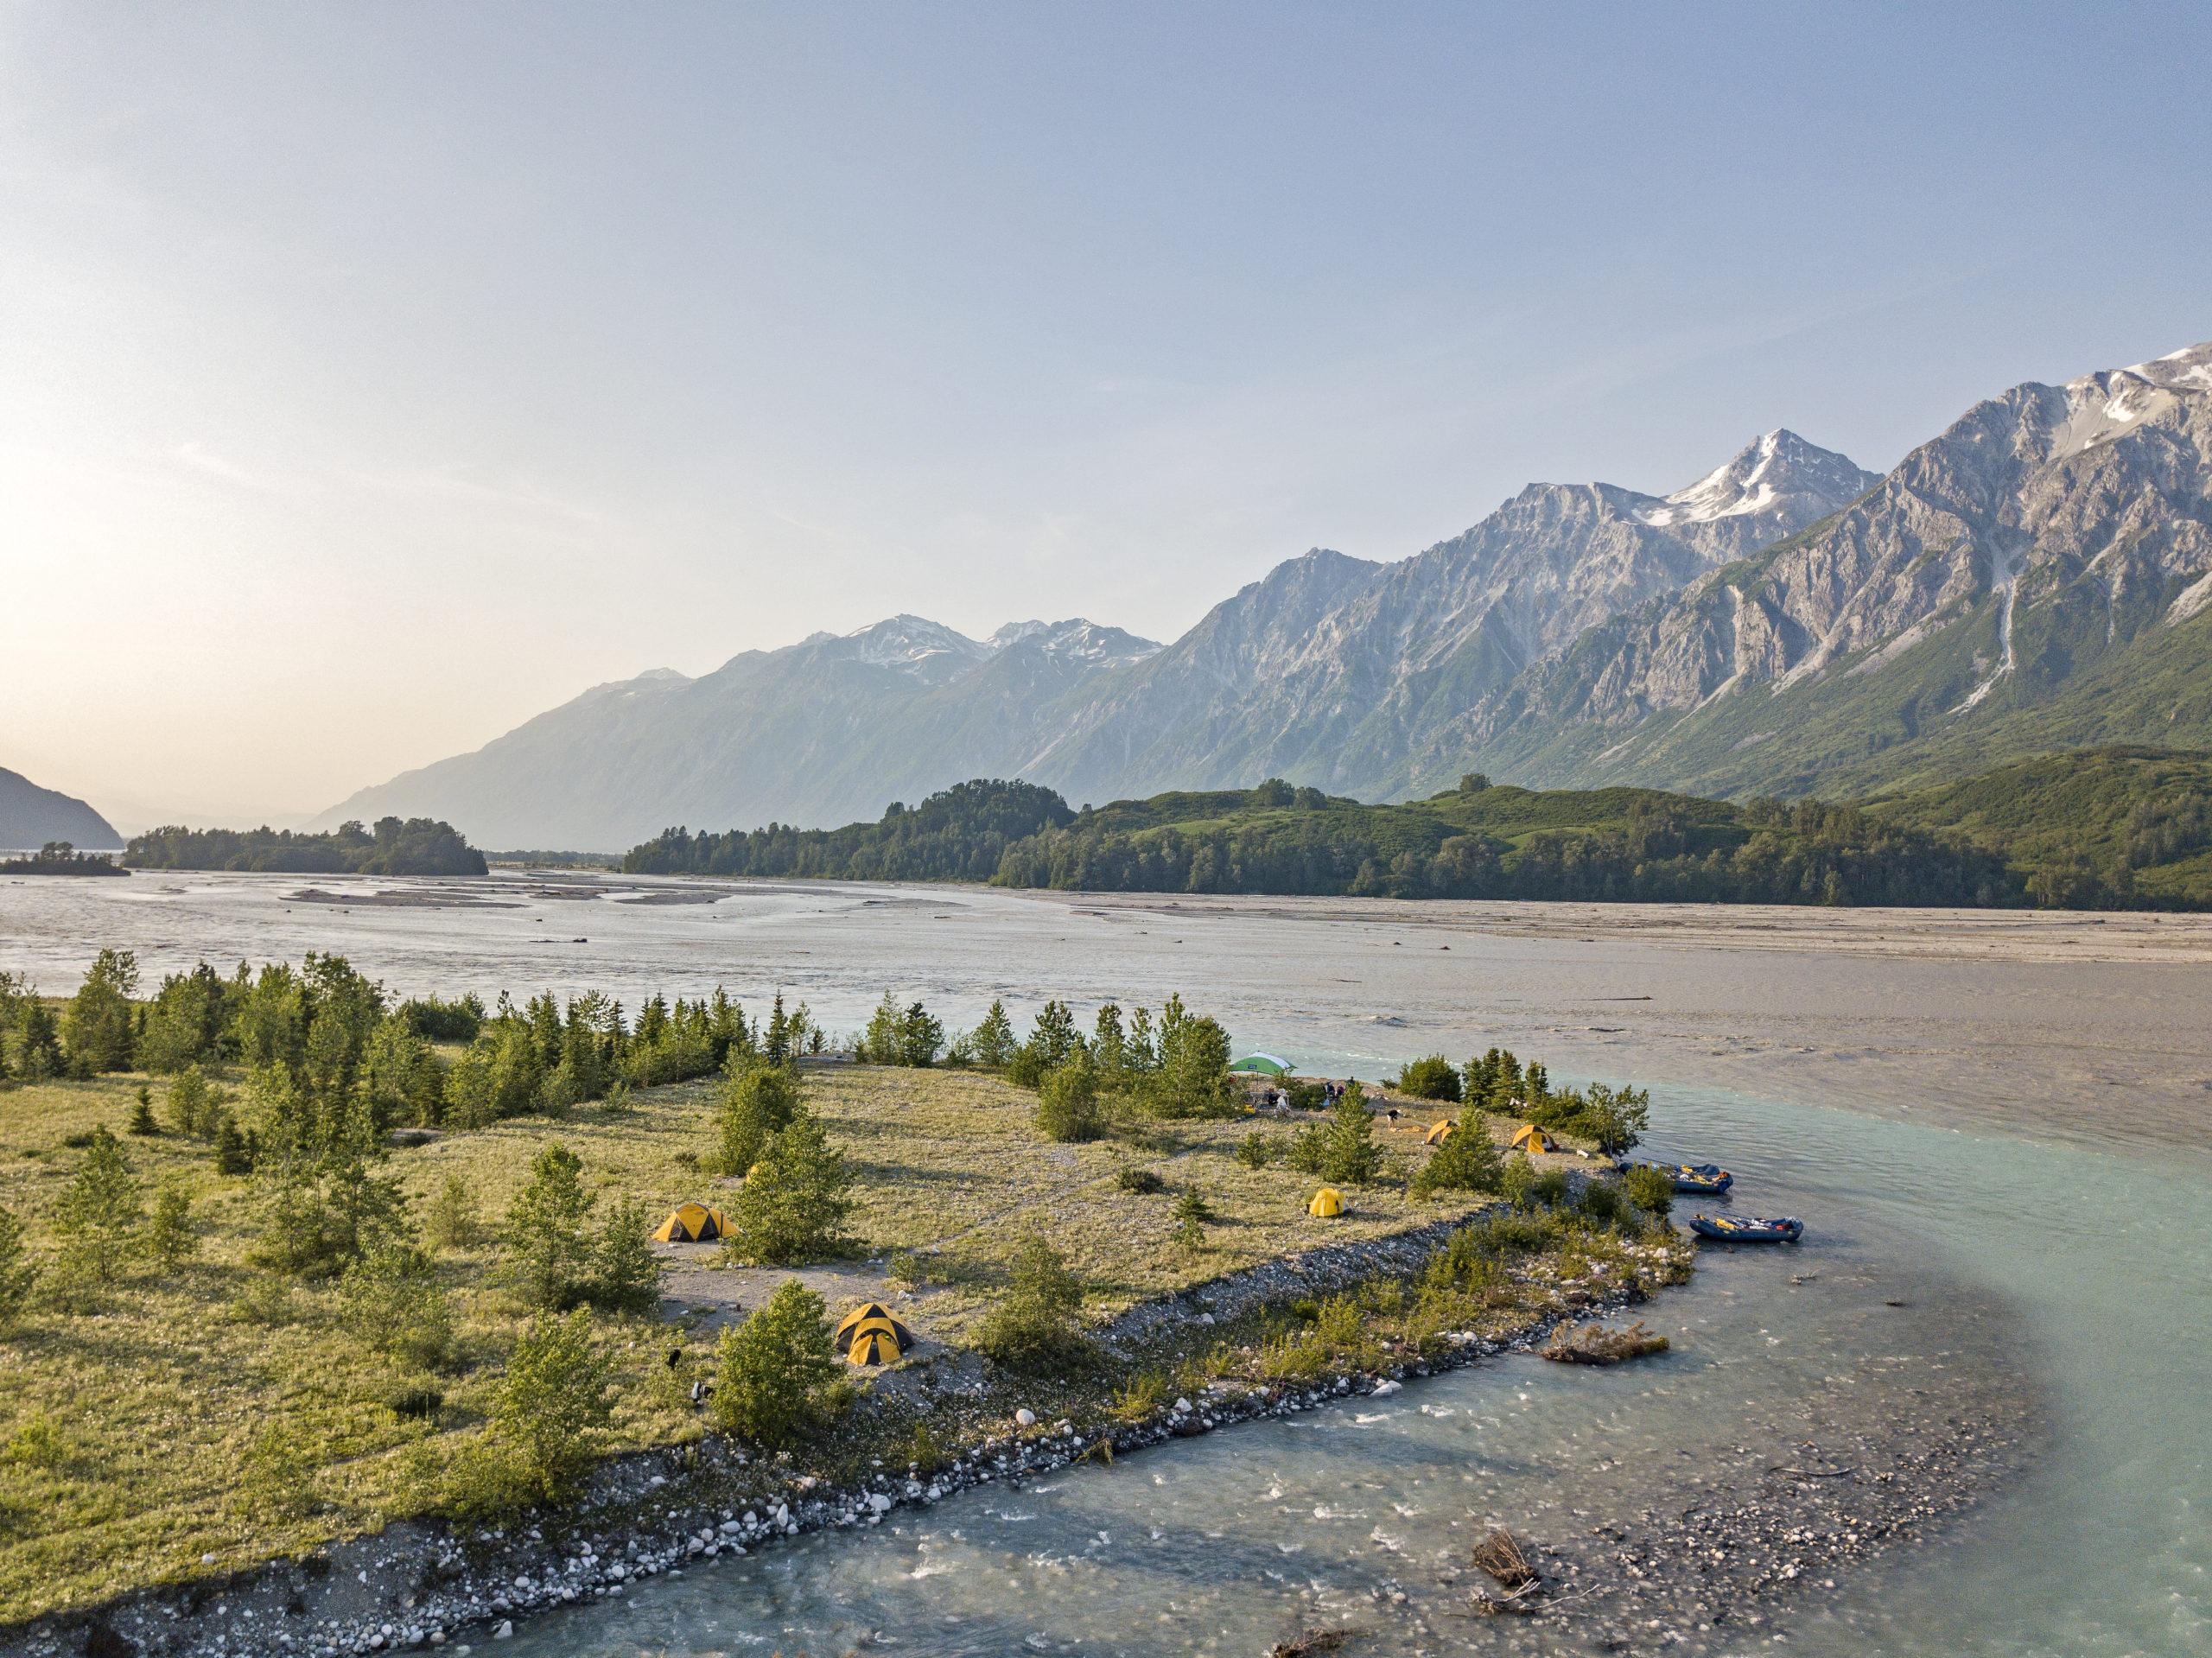 Alaska Tatshenshini Expedition